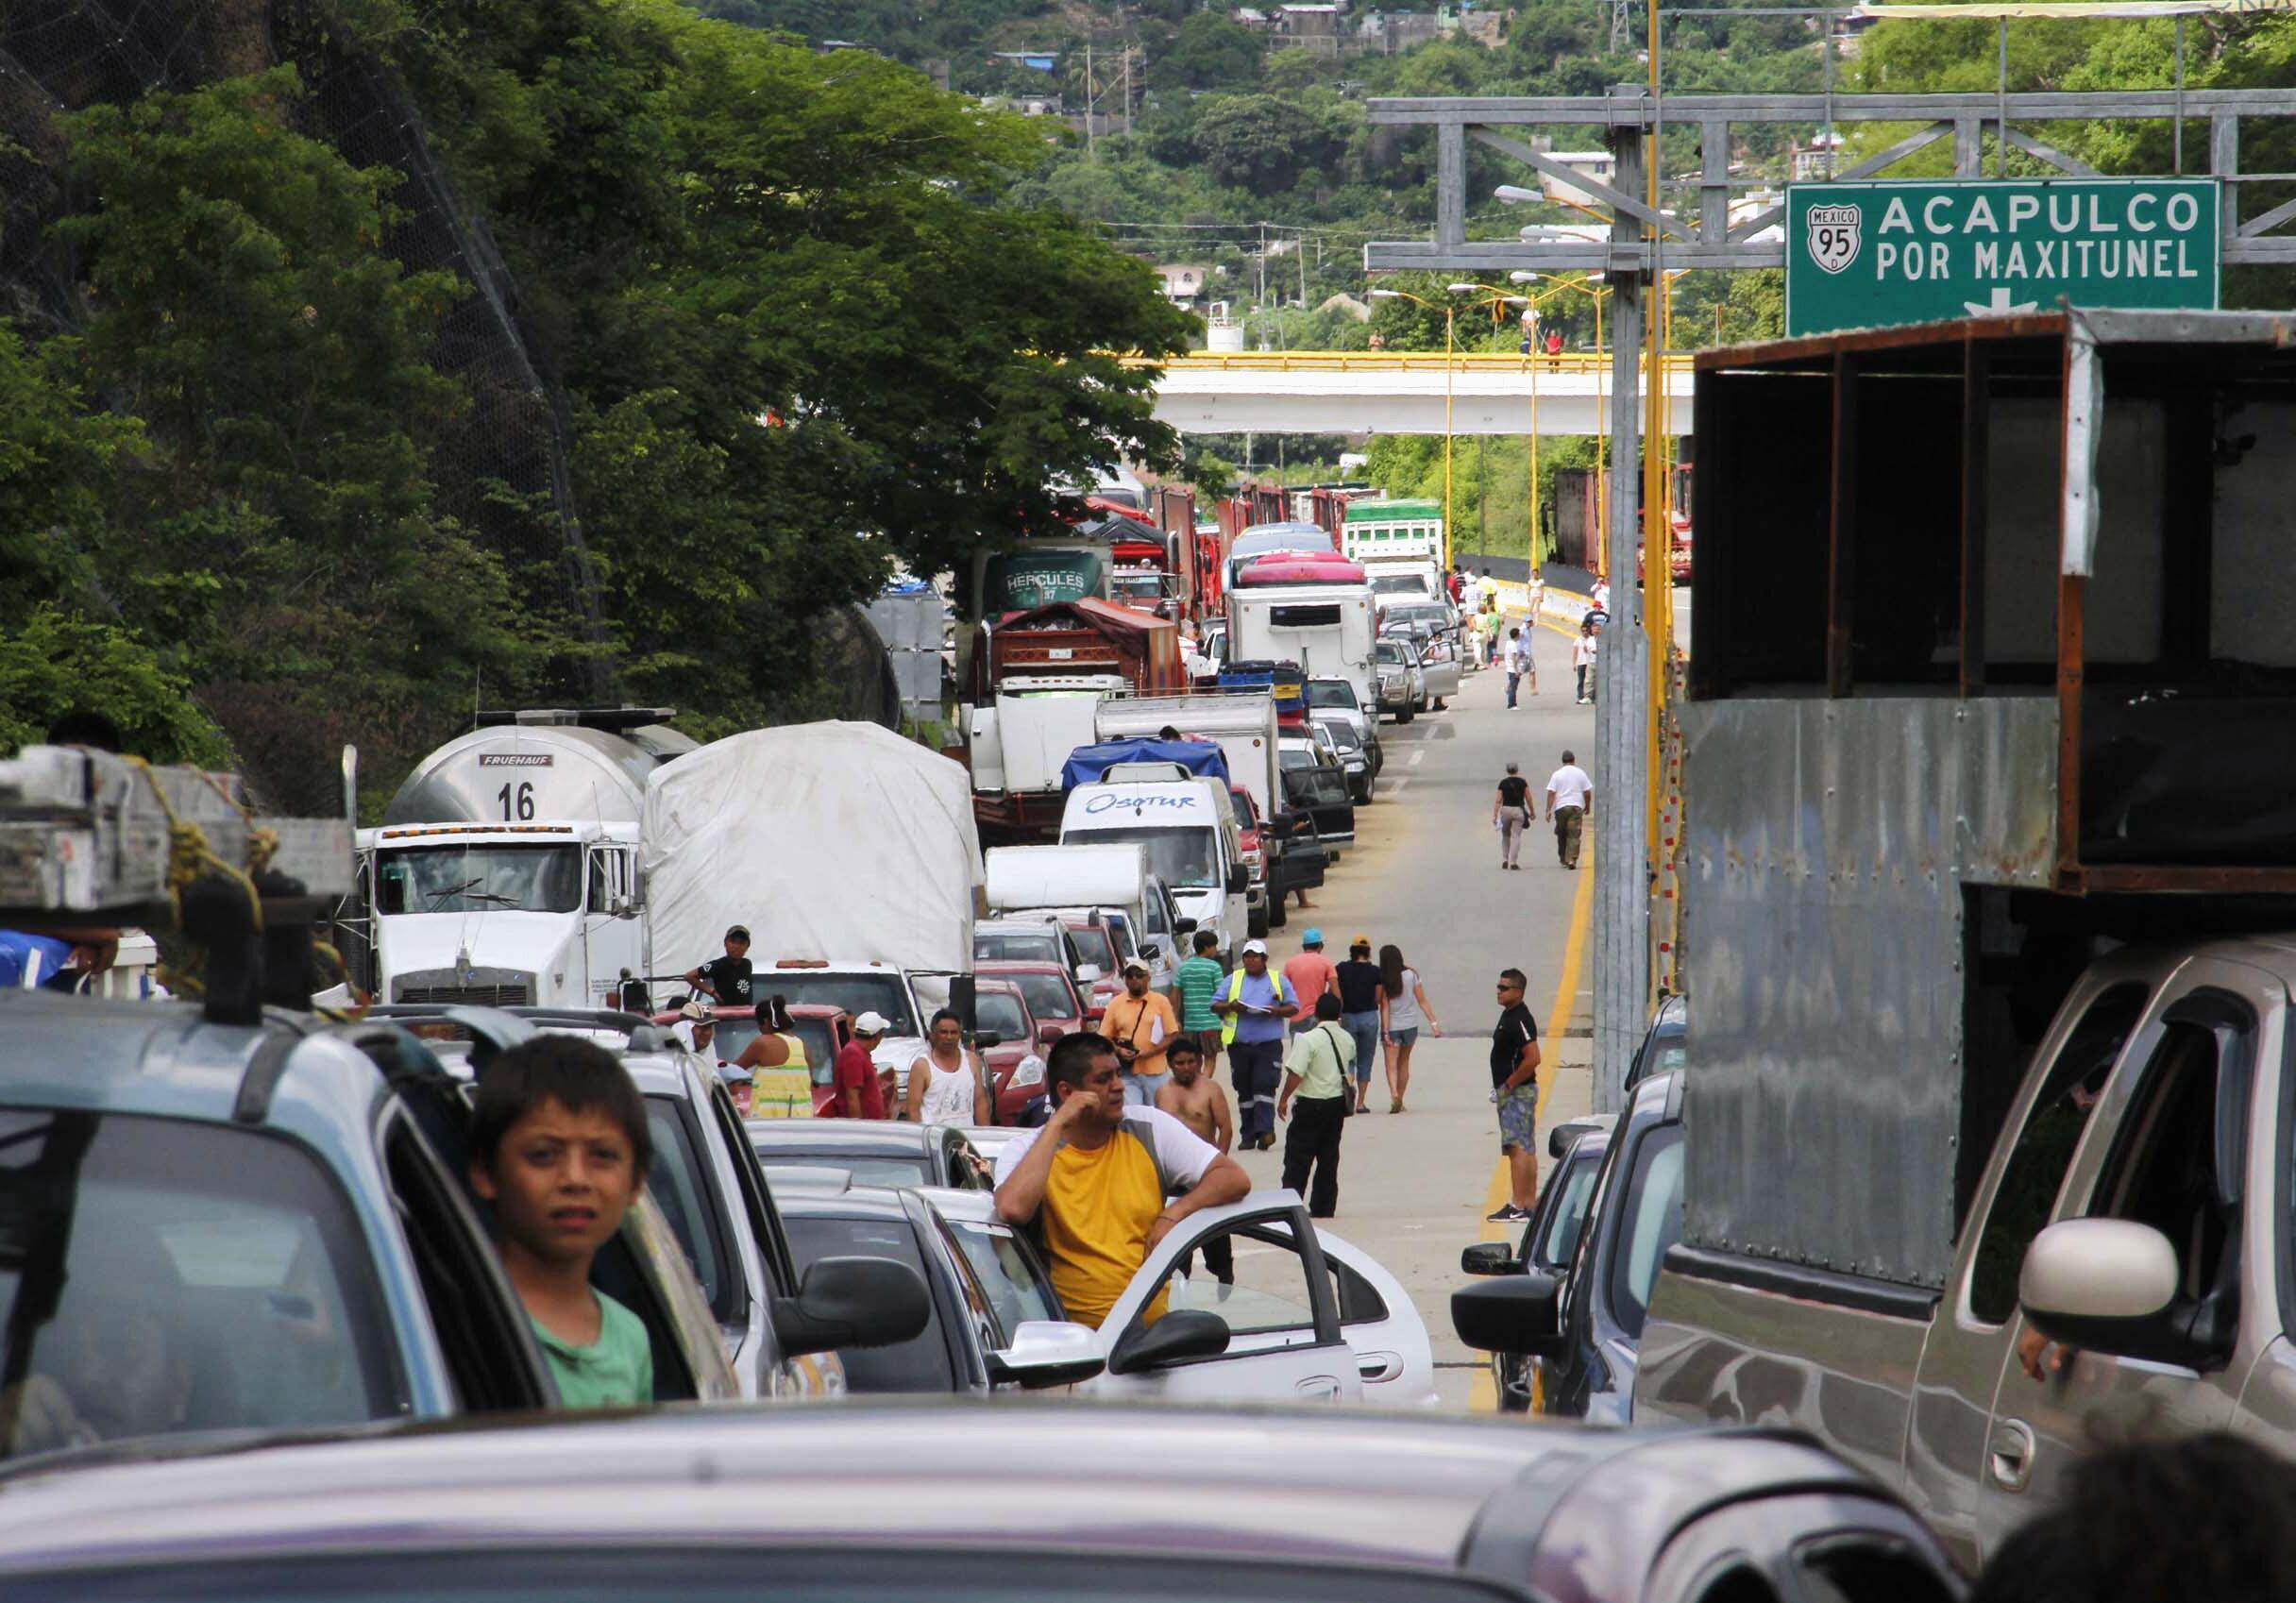 As estradas foram reabertas e os milhares de turistas bloqueados em Acapulco há uma semana puderam deixar a estância balneária.